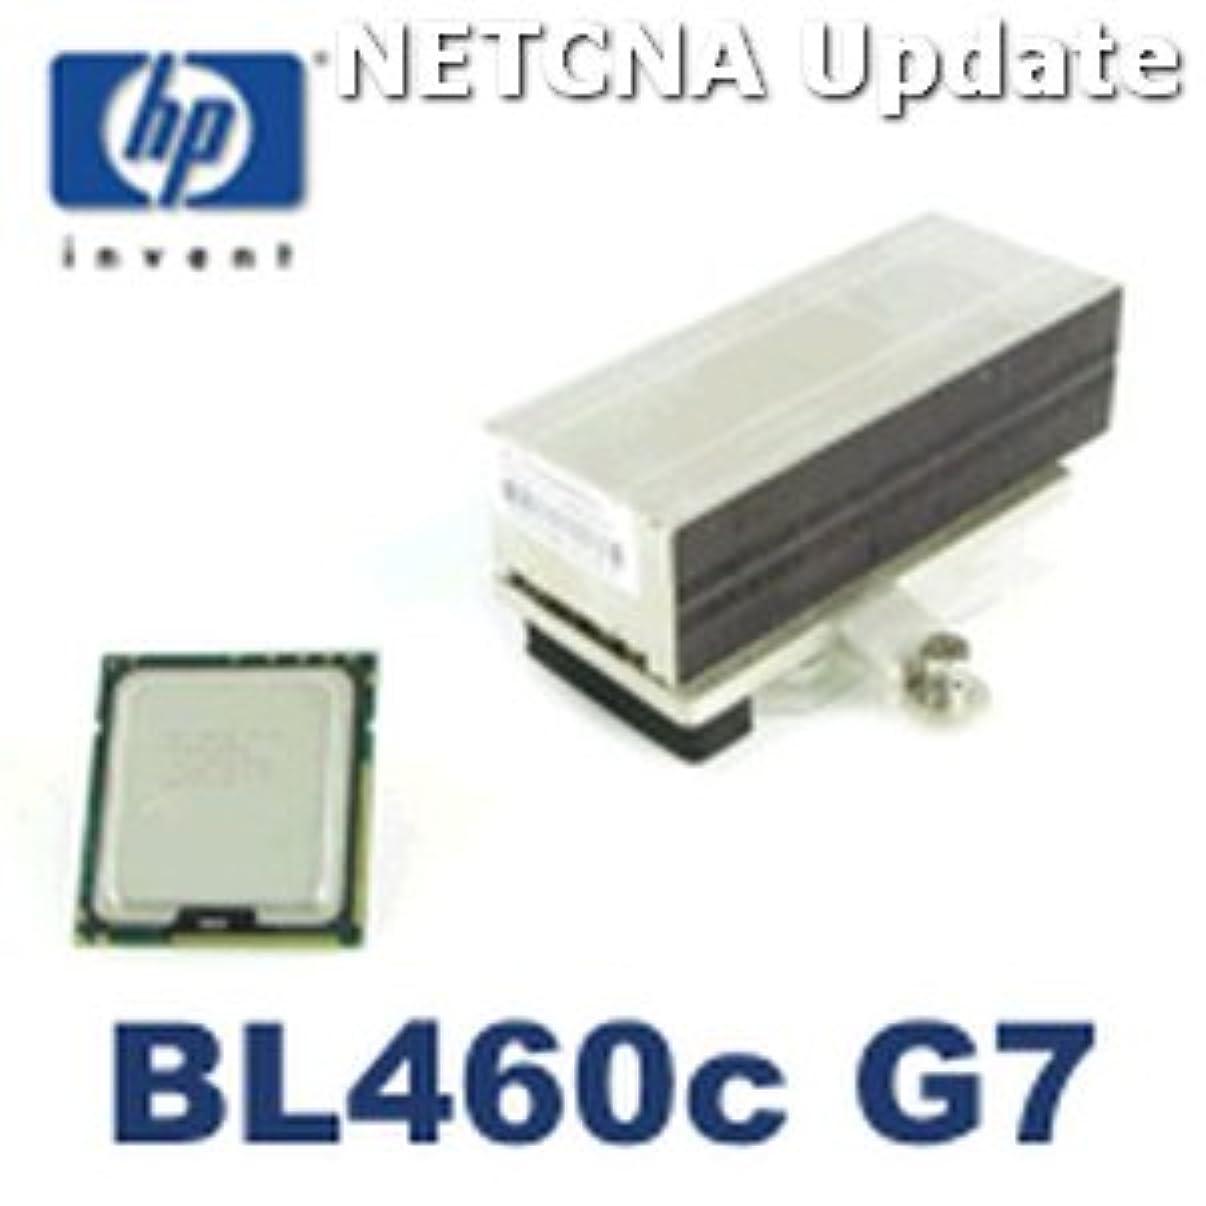 苦情文句倍増修復637412-b21 HP Xeon e5645 2.4 GHz bl460 C g7互換製品by NETCNA